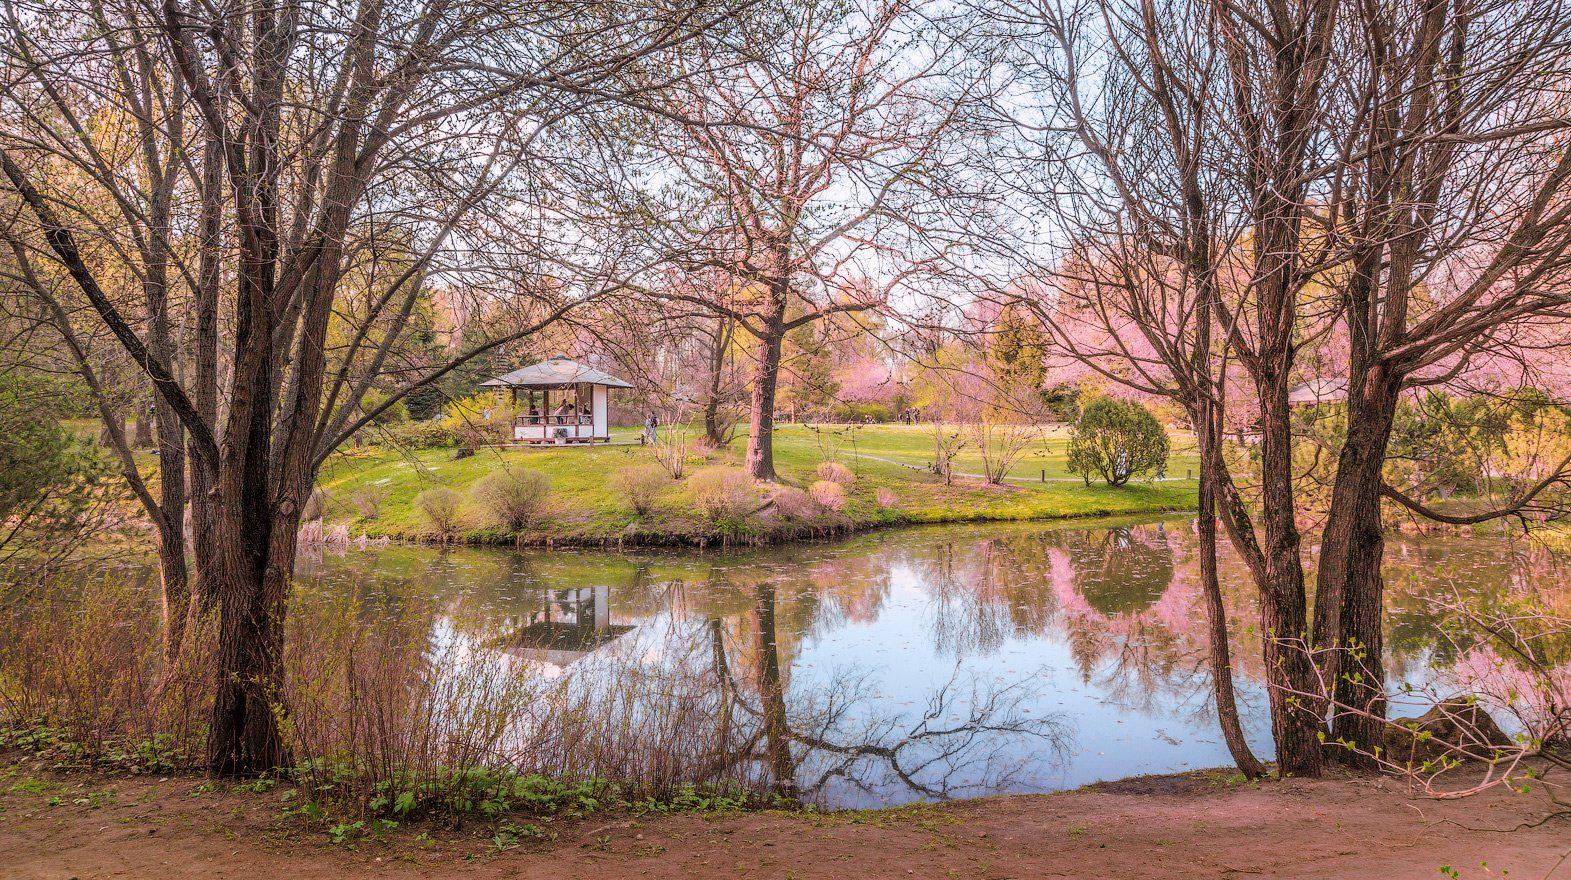 весна, сакура, цветение, цветы, япония, сад,, Виктор Климкин